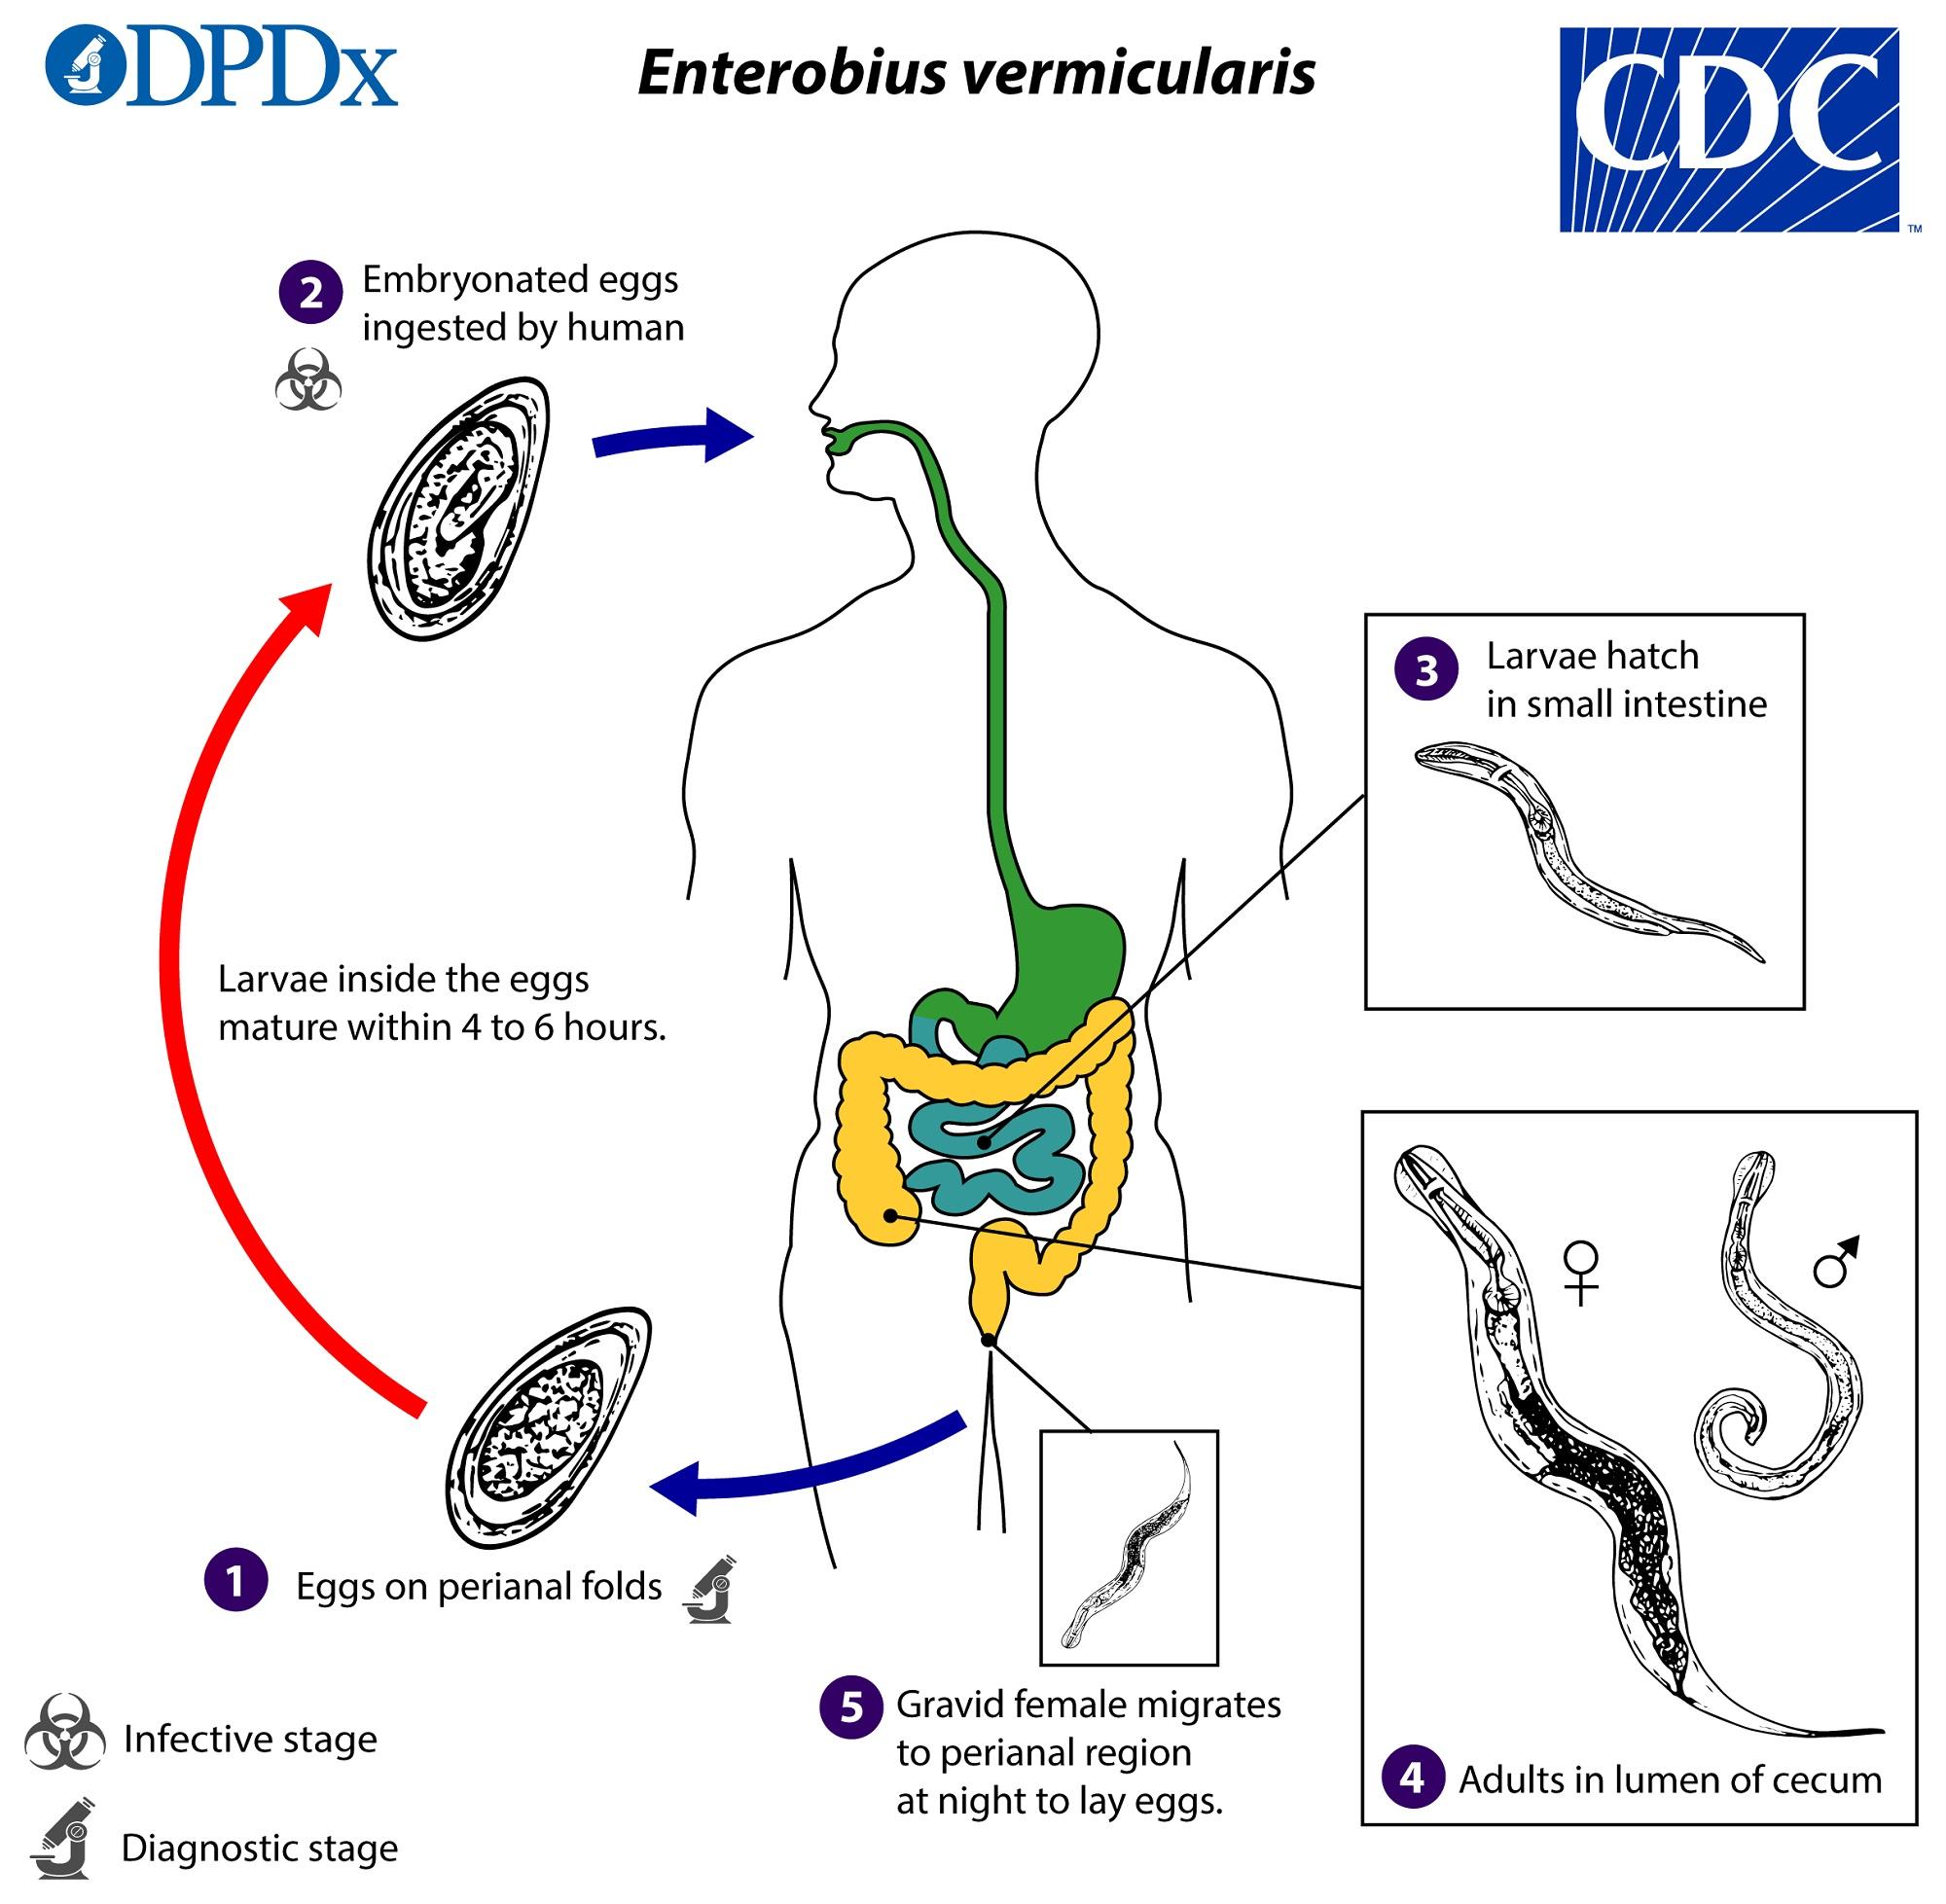 enterobius vermicularis treatment